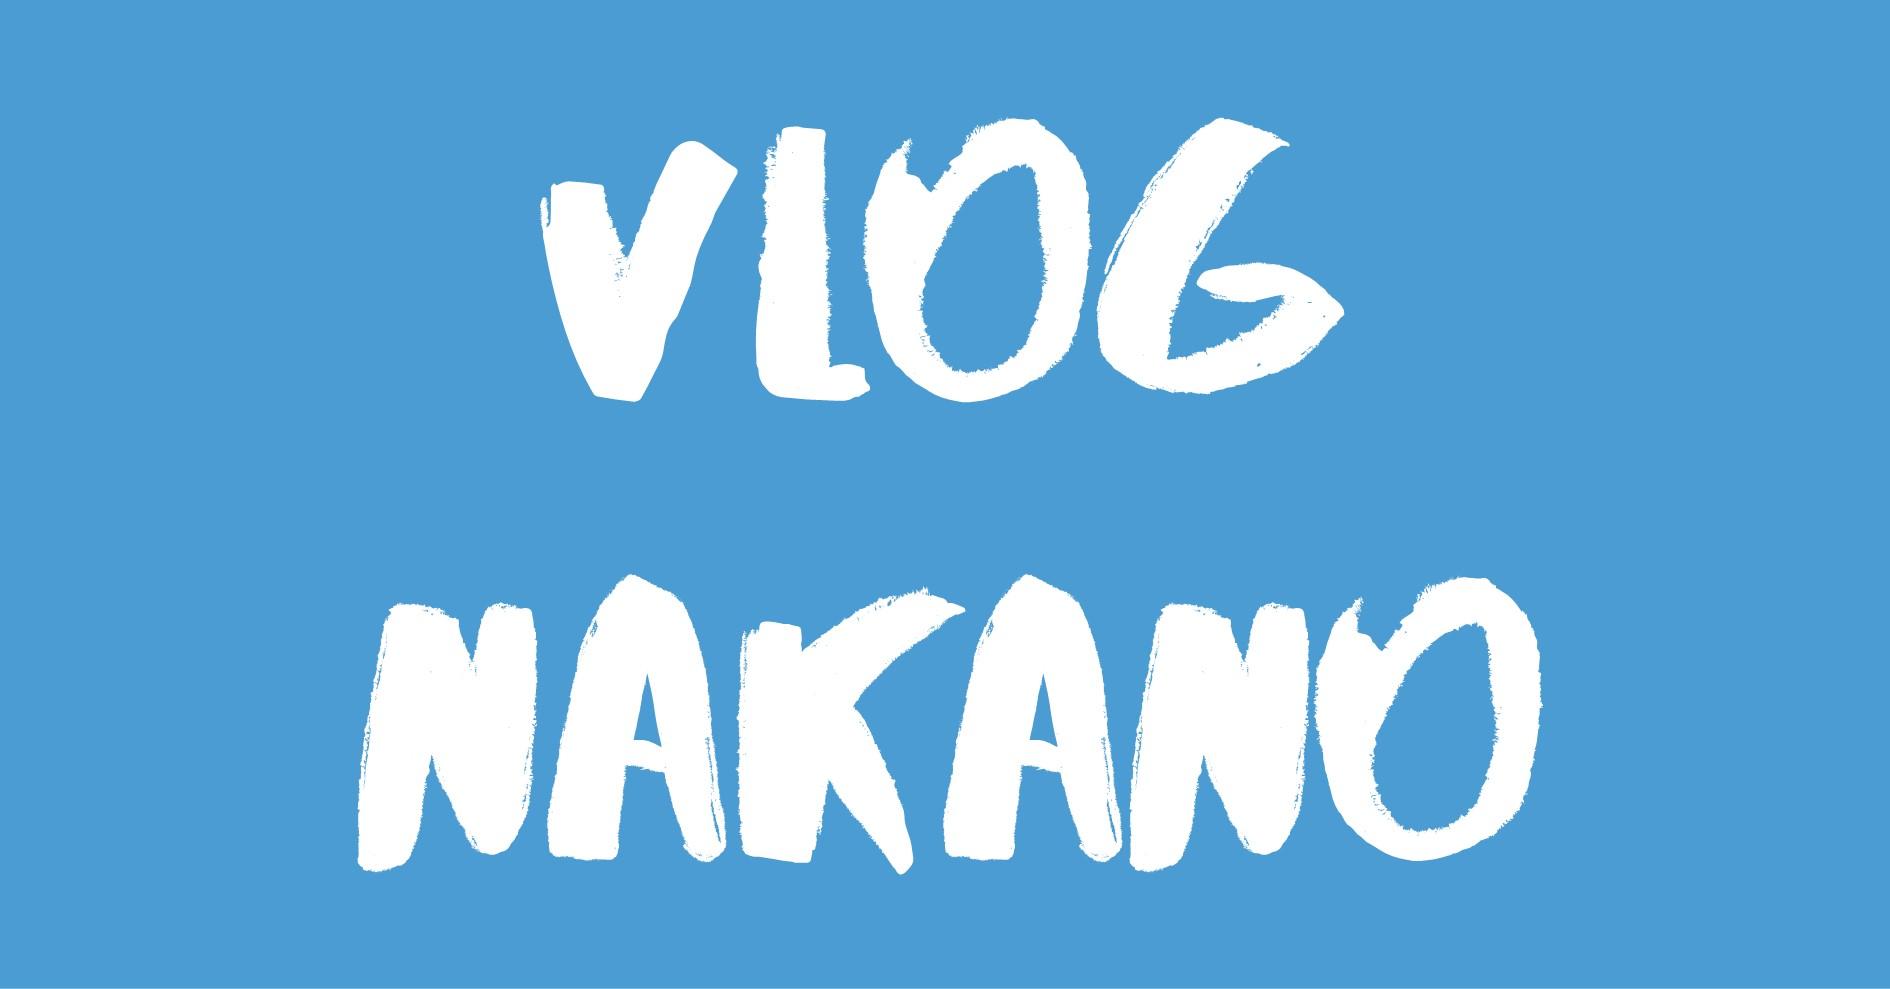 [Vlog] 中野 / Nakano